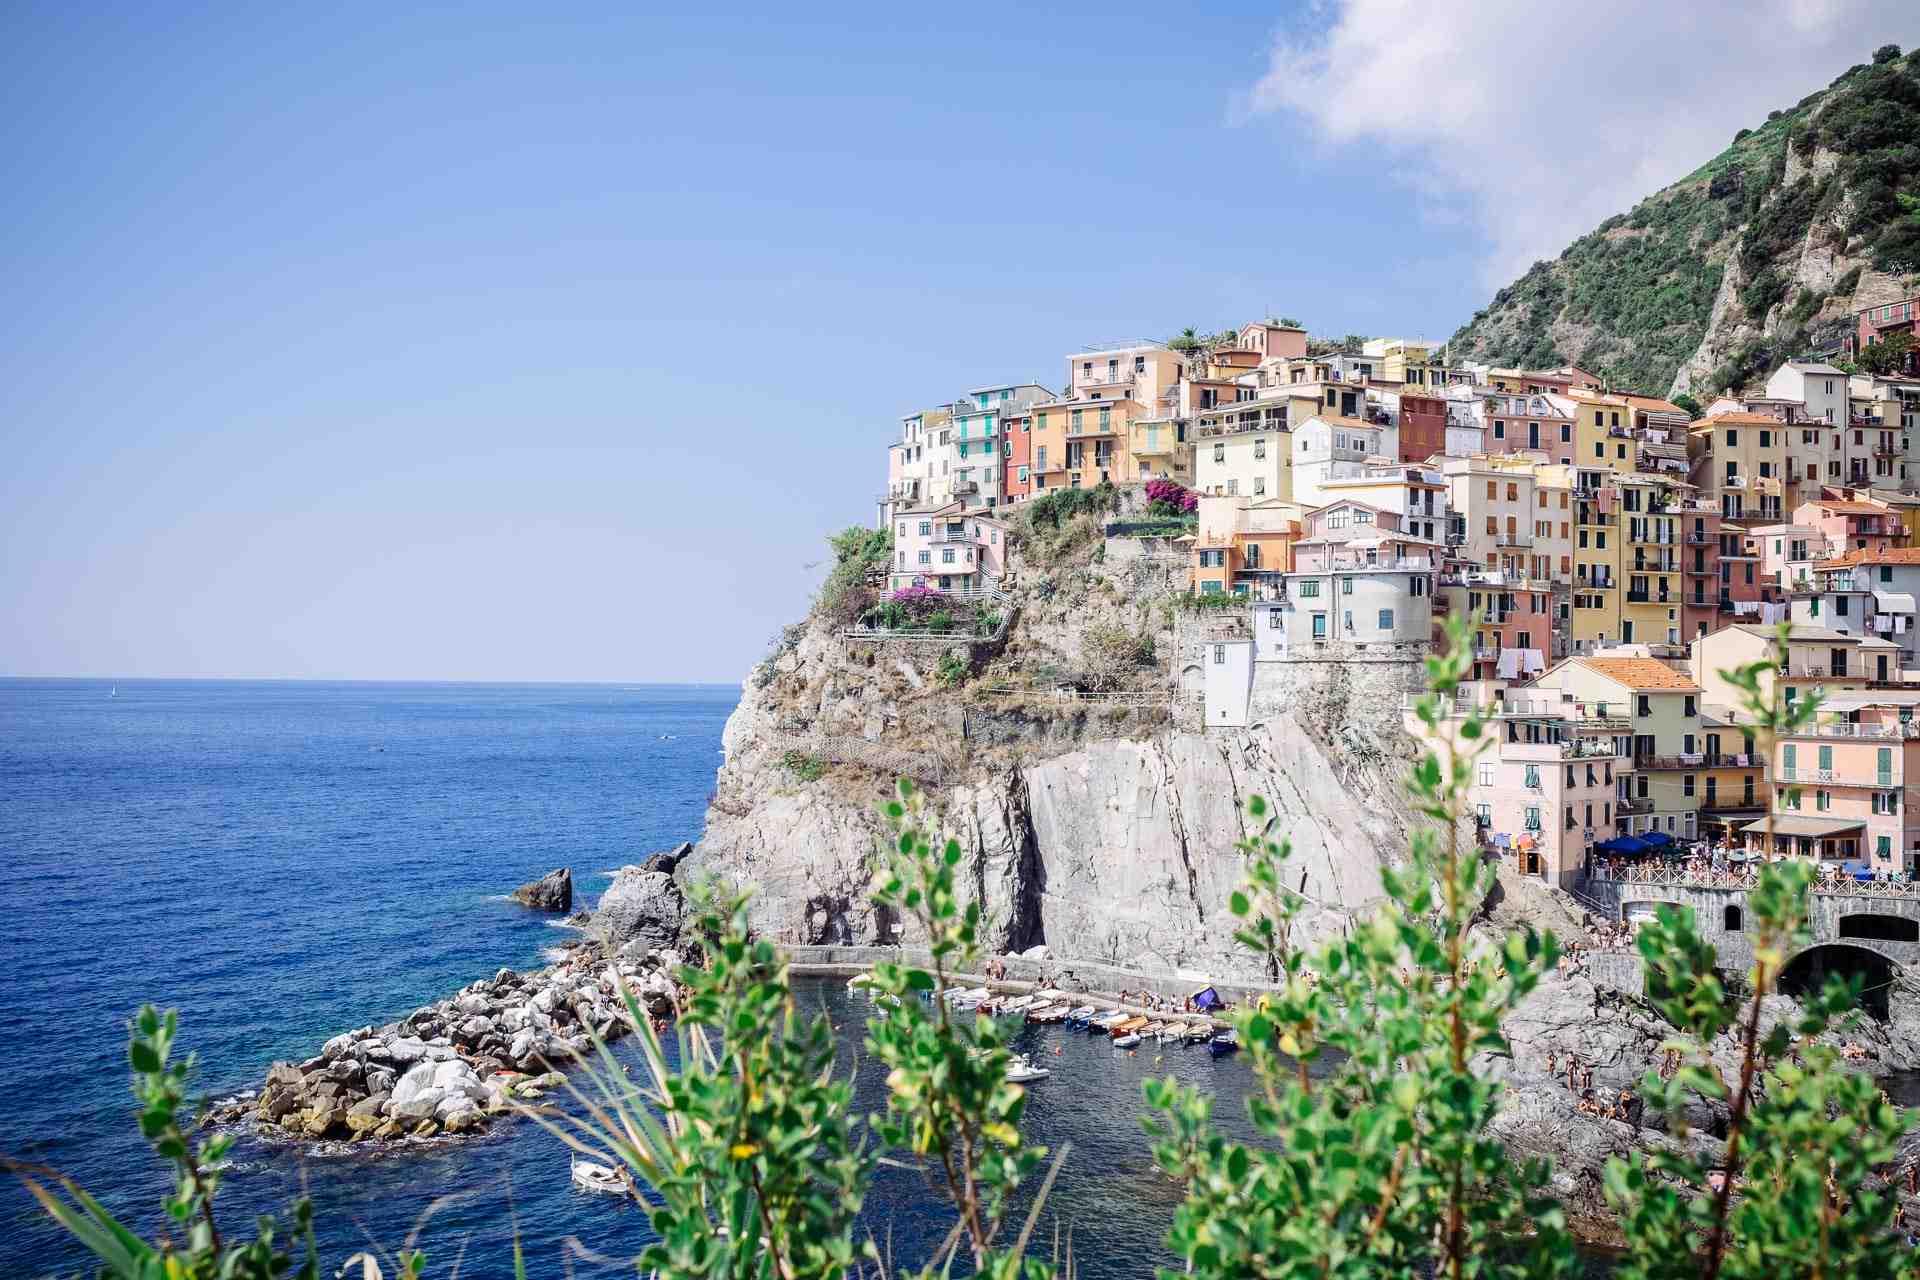 Dove sono le spiagge più belle d'Italia?